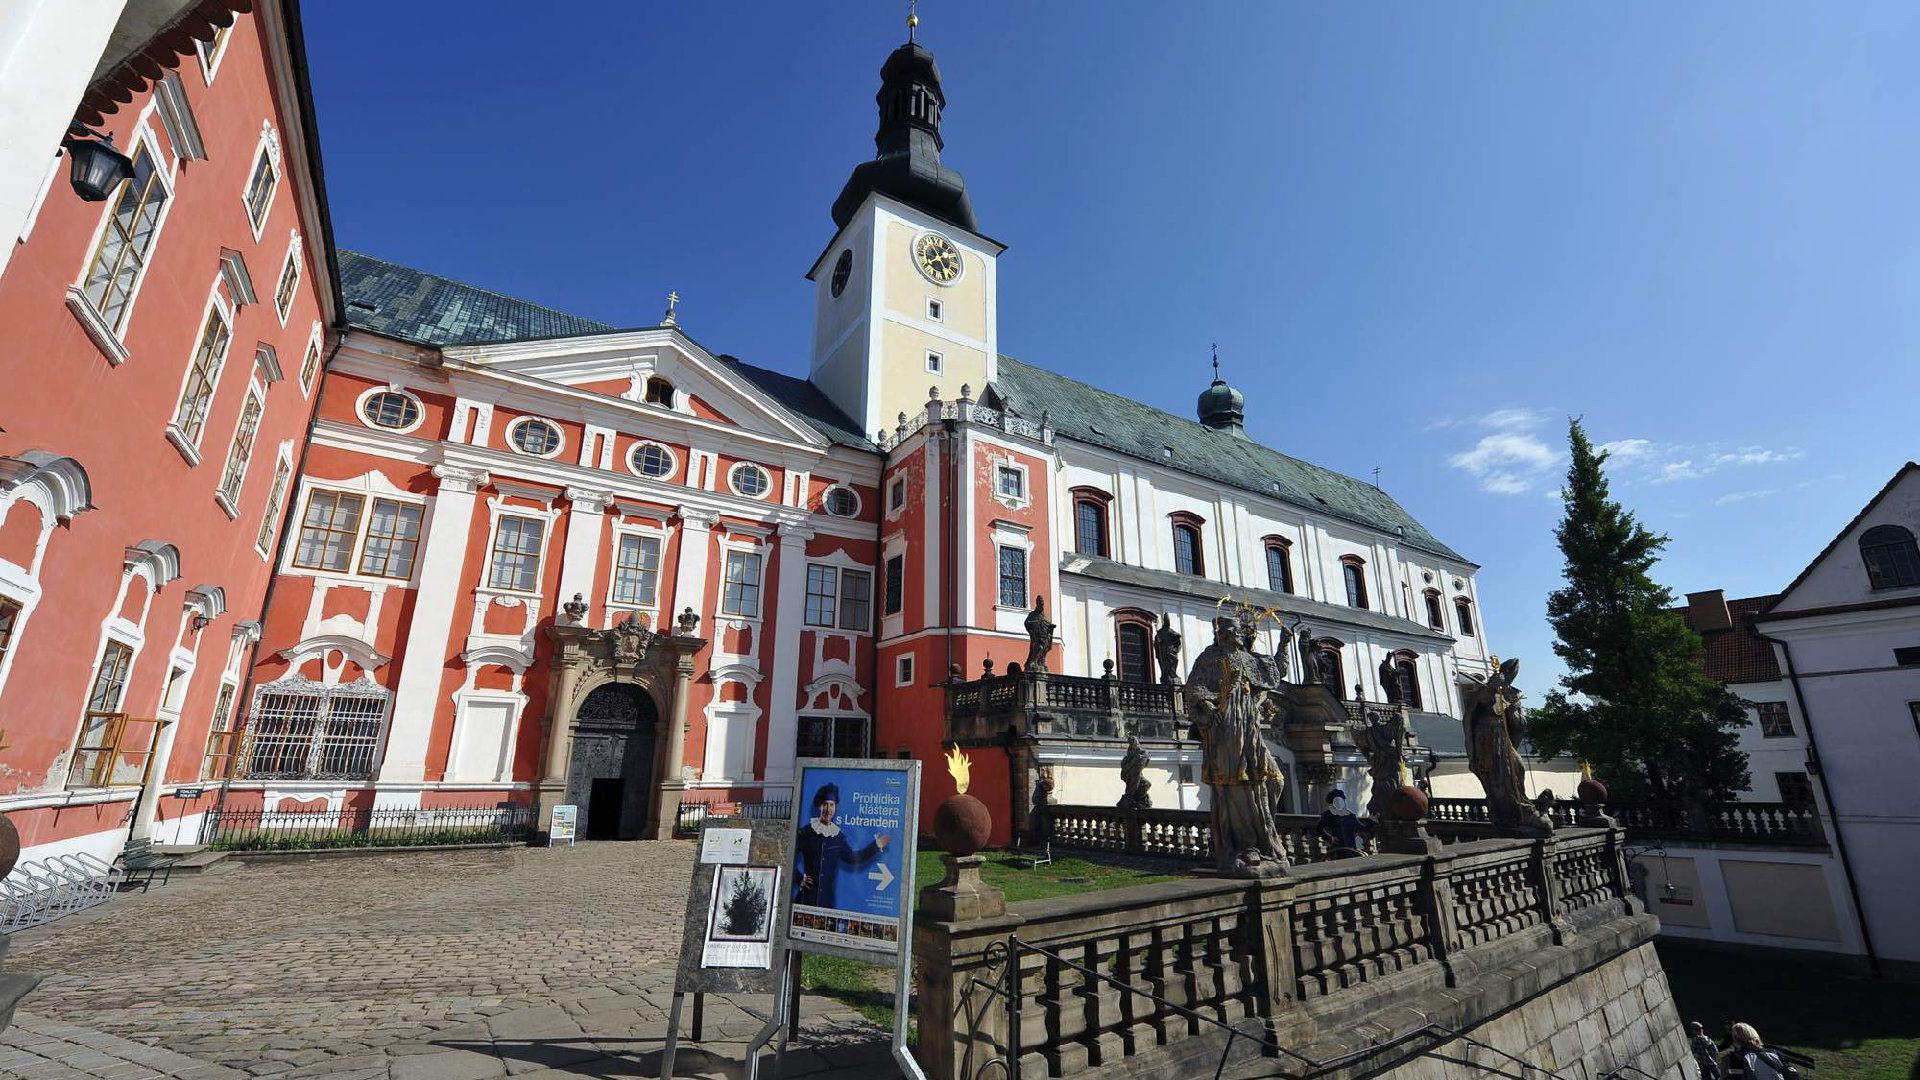 Broumovský klášter – Ubytování, otevírací doba, vstupné